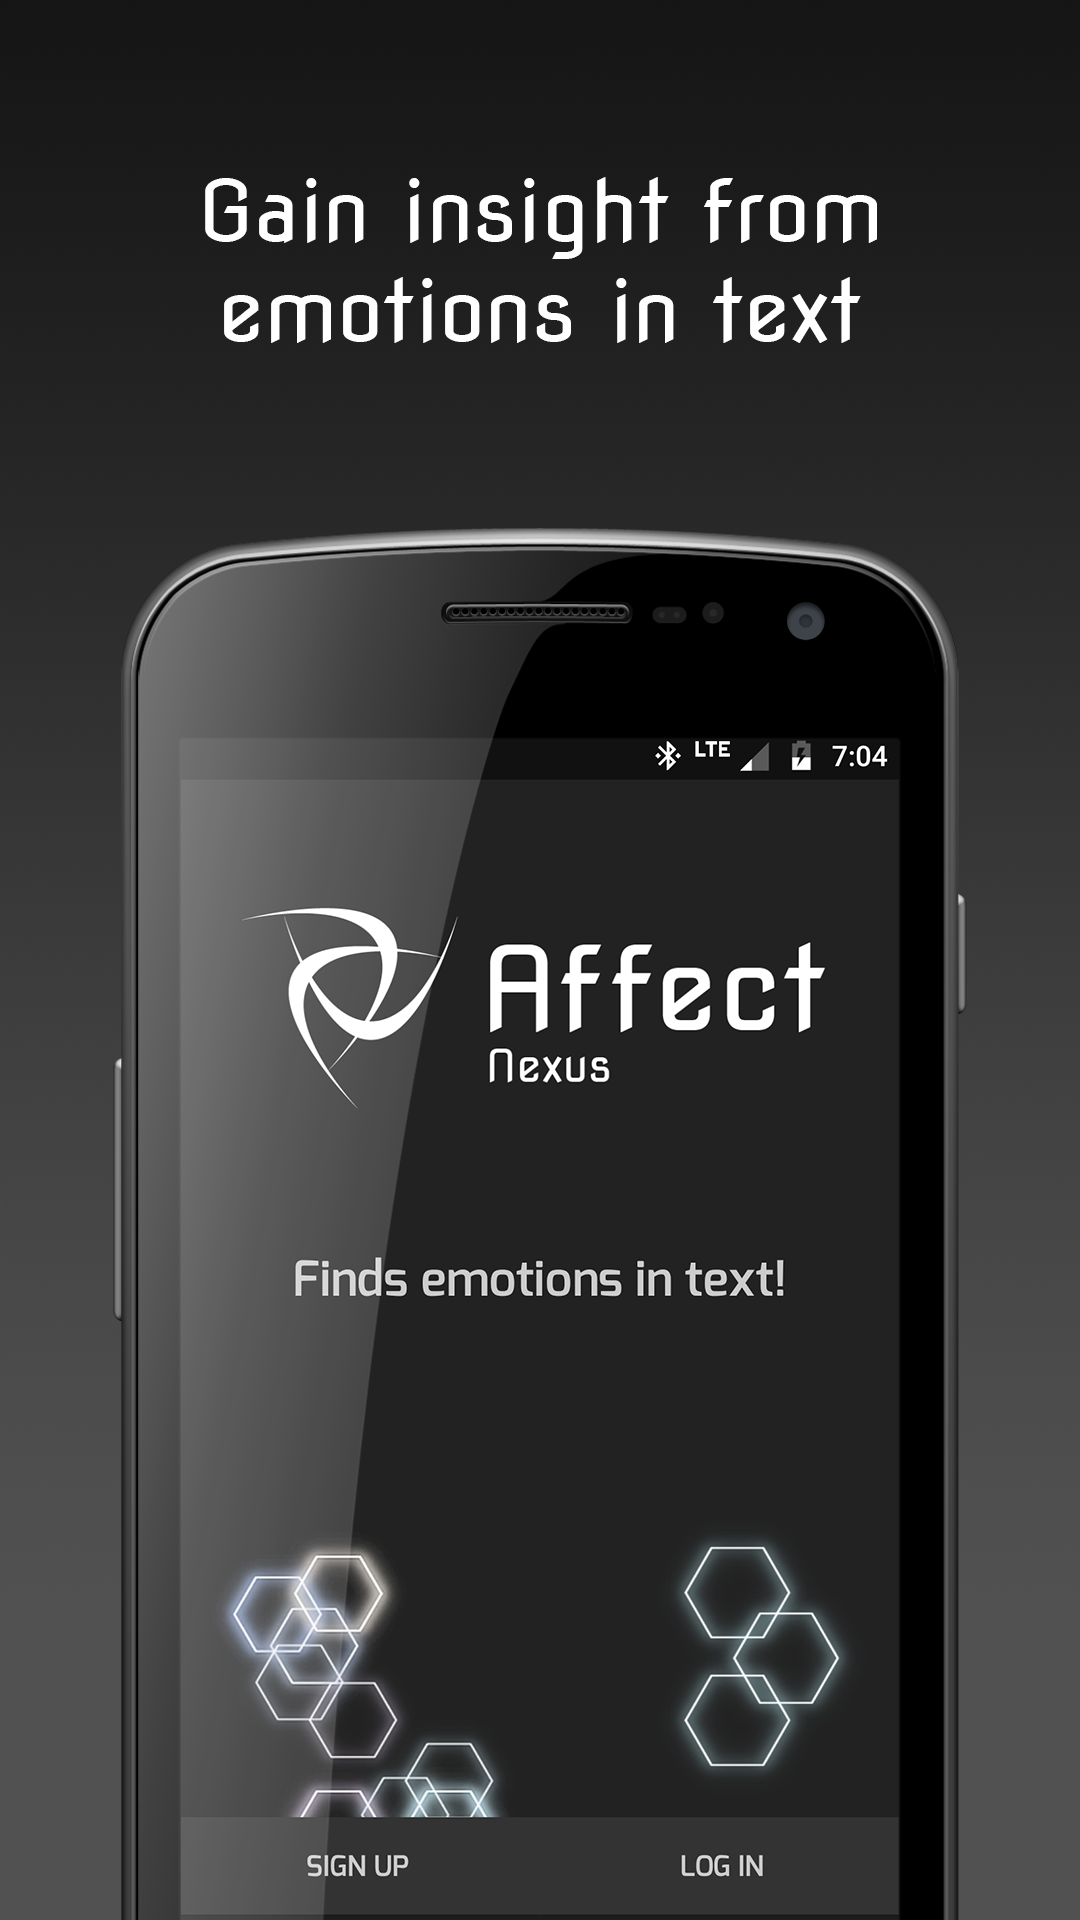 Affect Nexus